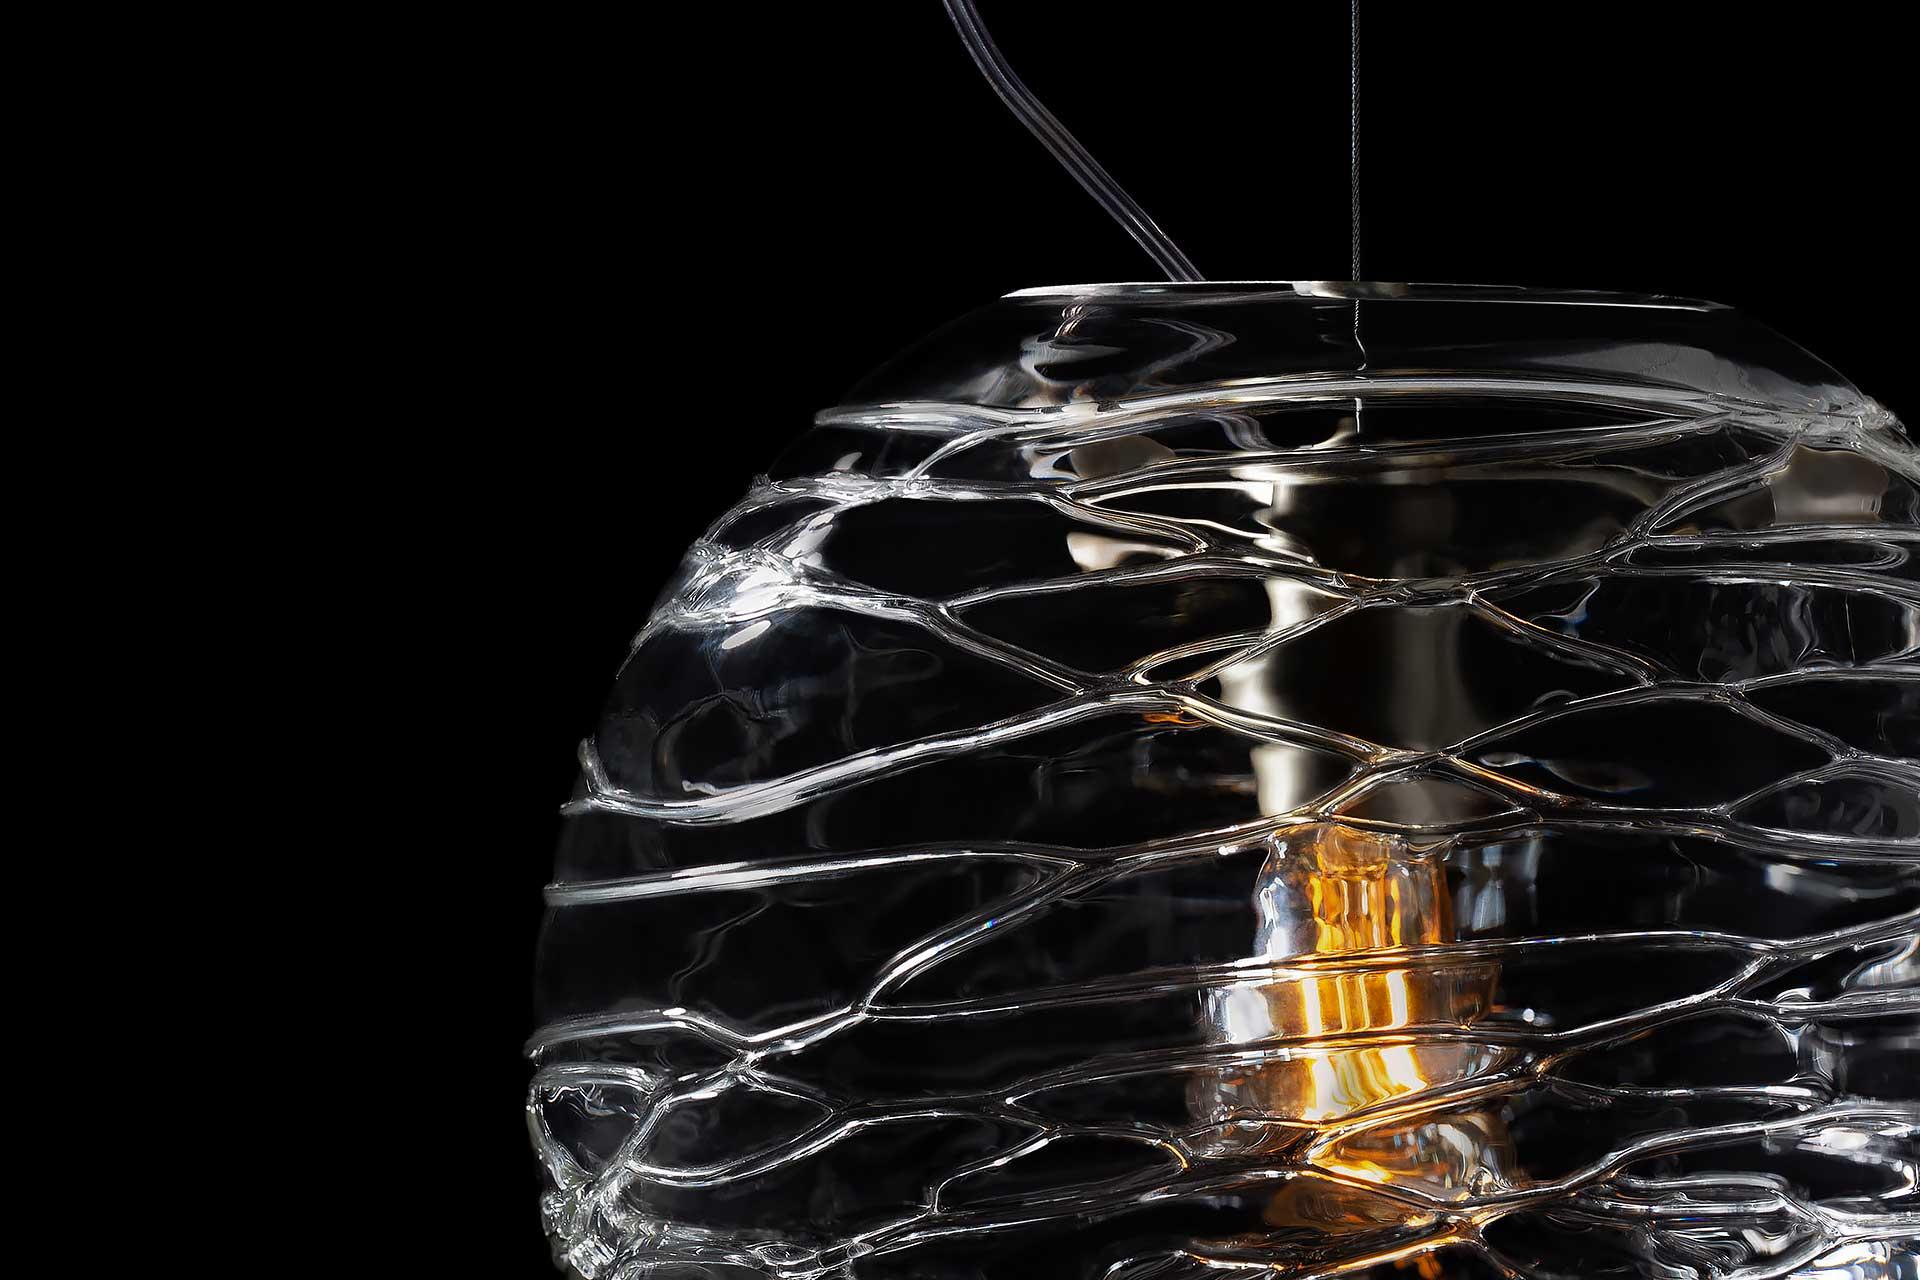 Still-Life--illuminazione-Michele-Paladin-Fotografo-Treviso-Venezia-6_O